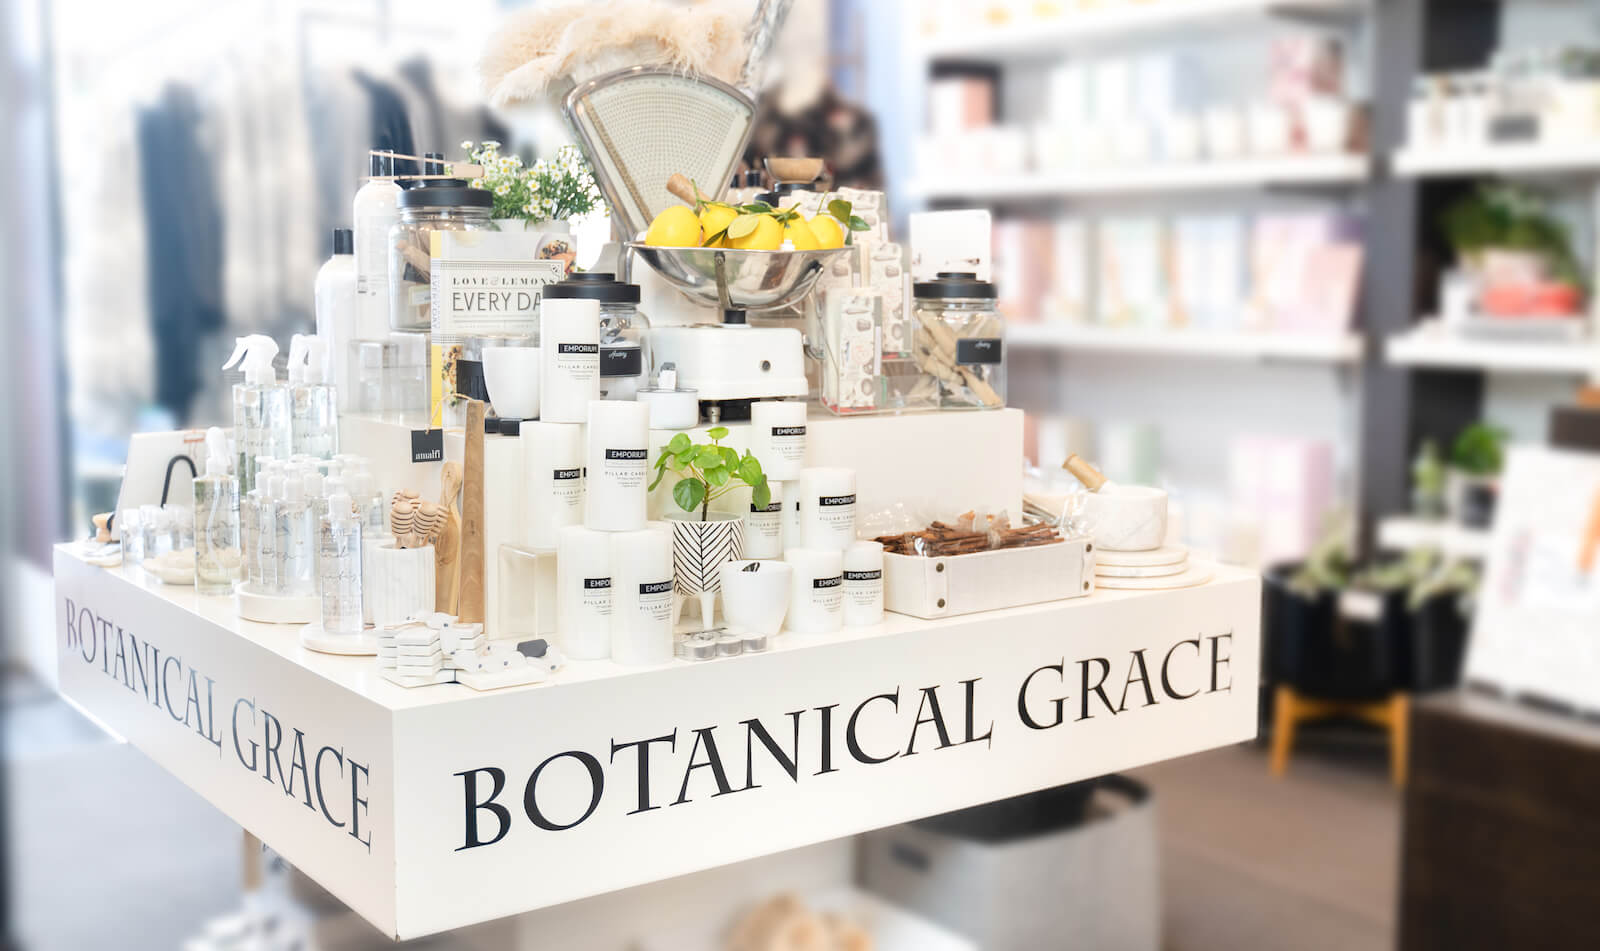 Botanical Grace yeronga